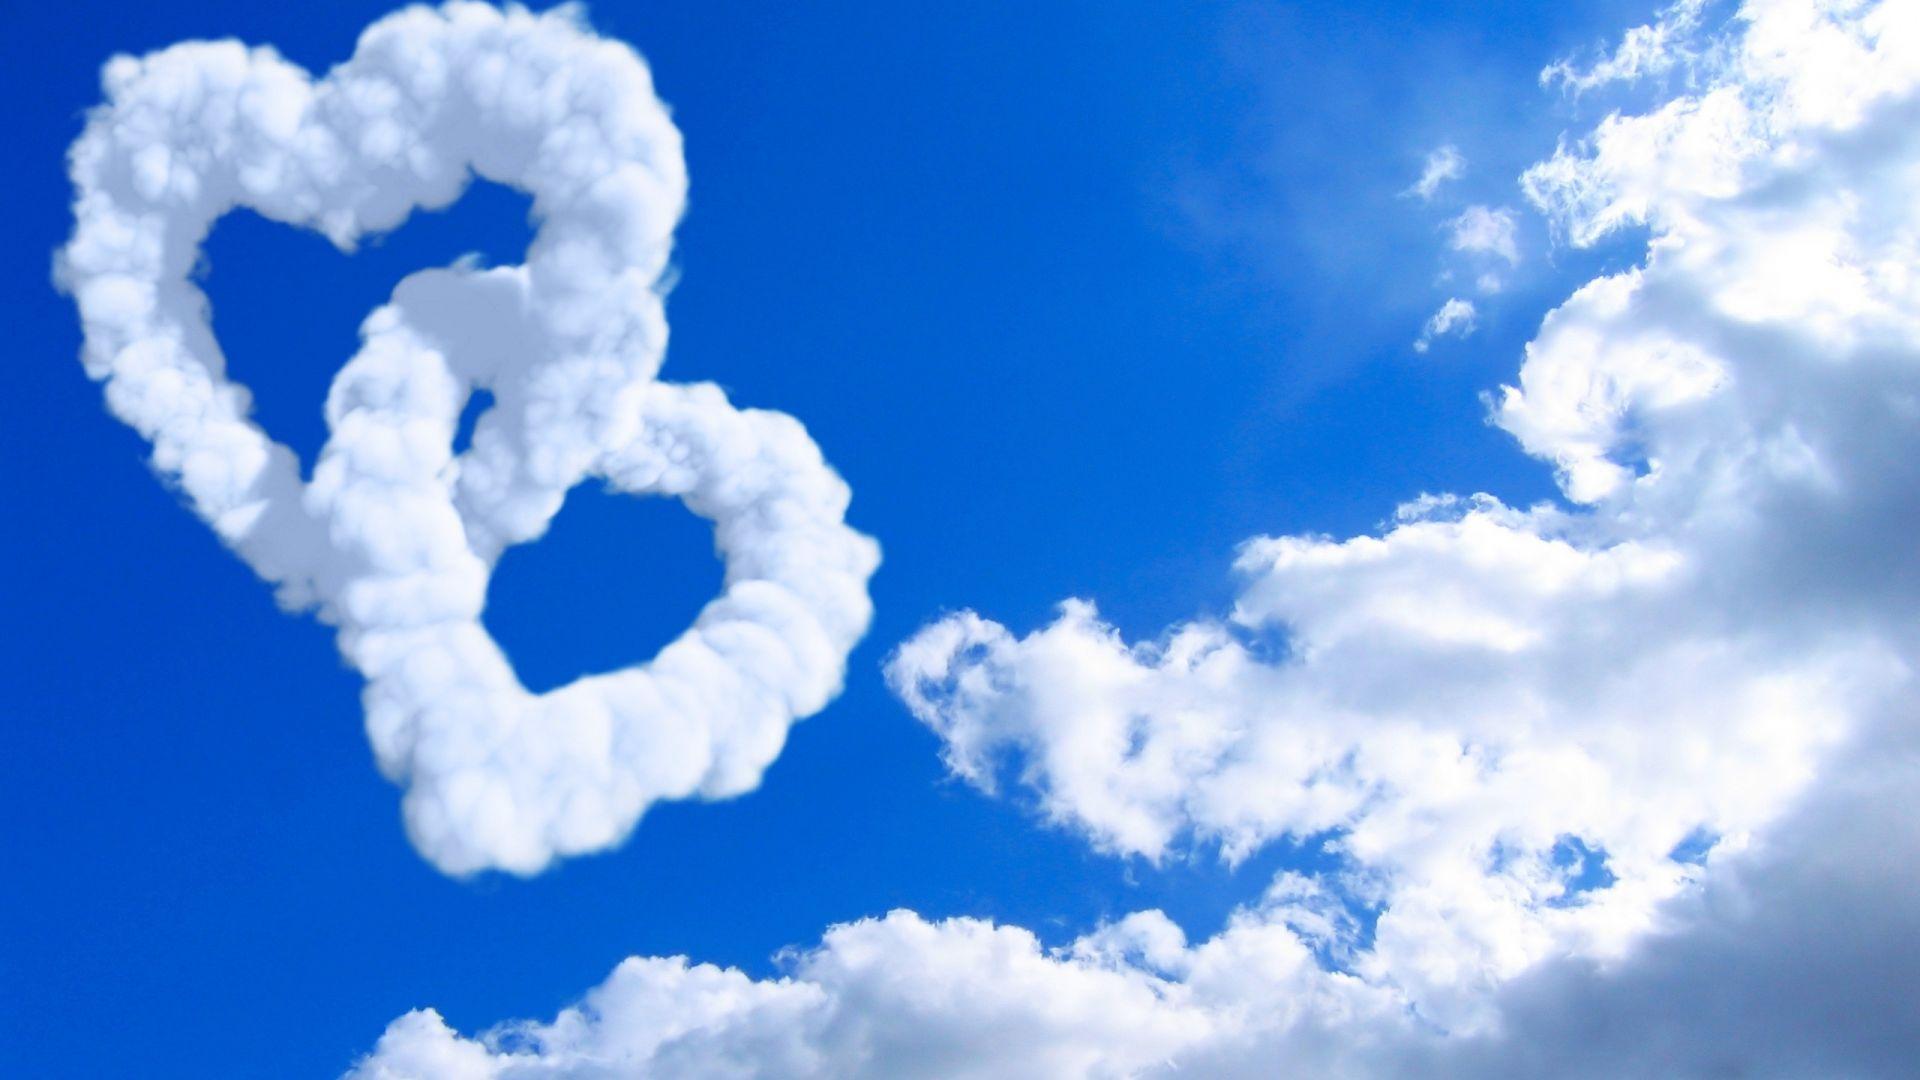 Fondos para fotos de nubes 55